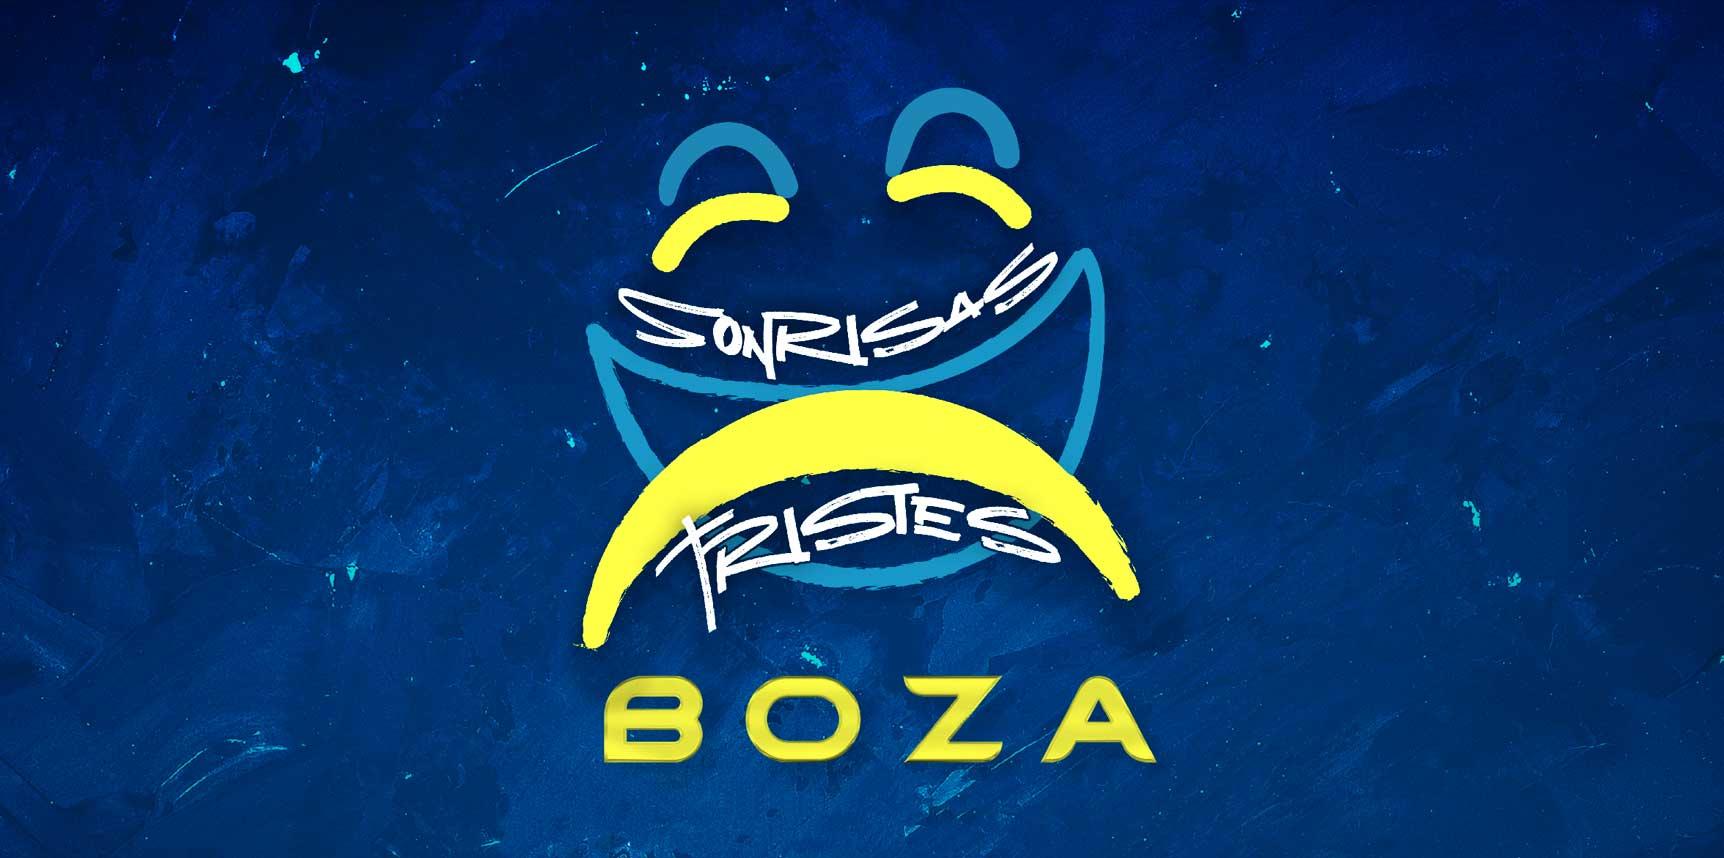 """Photo of Boza lanzo """"Sonrisas Tristes"""""""